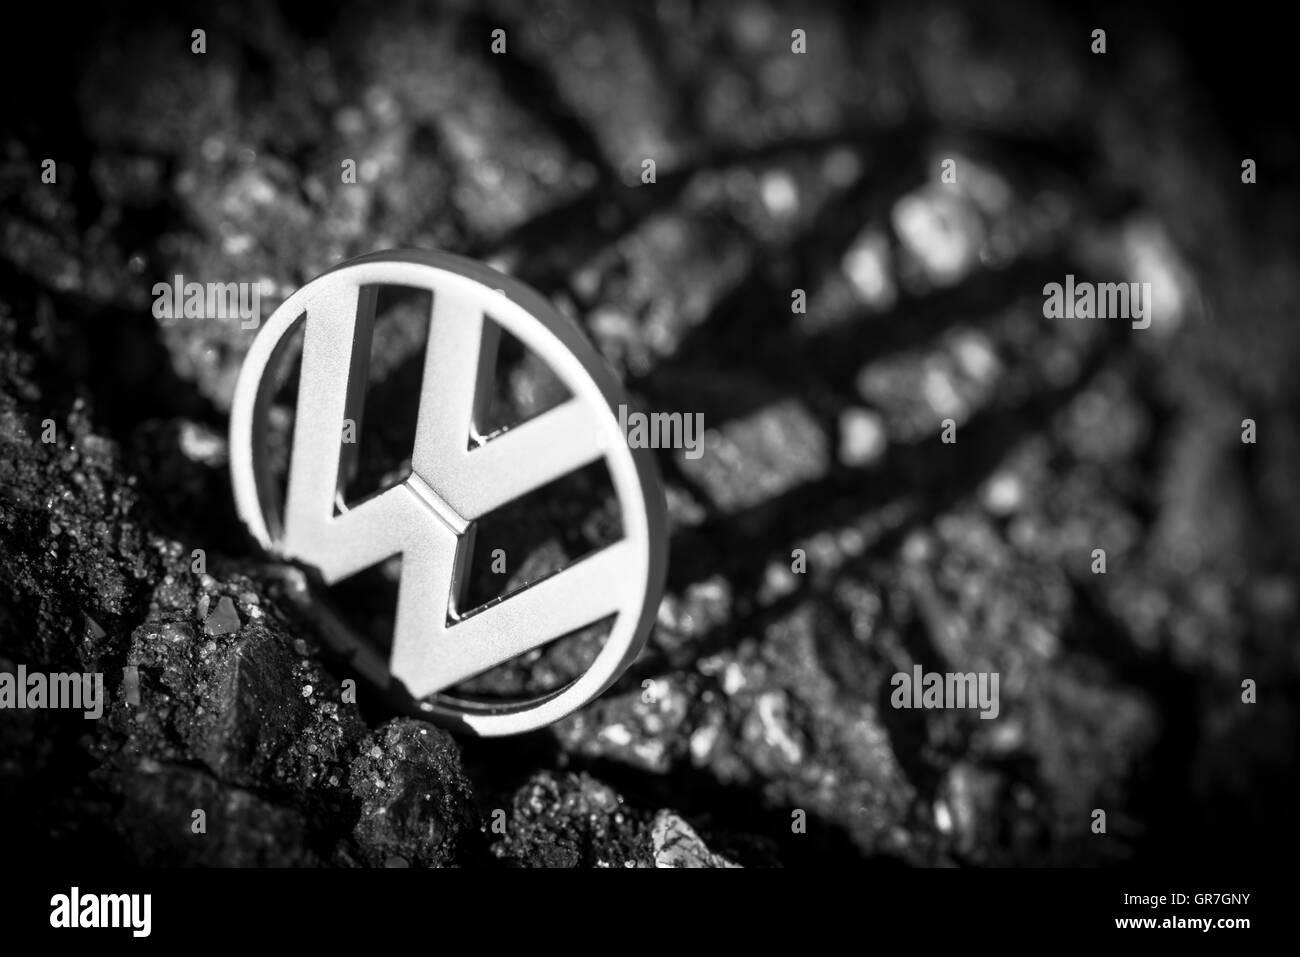 Vw Logo, Vw Scandal Stock Photo